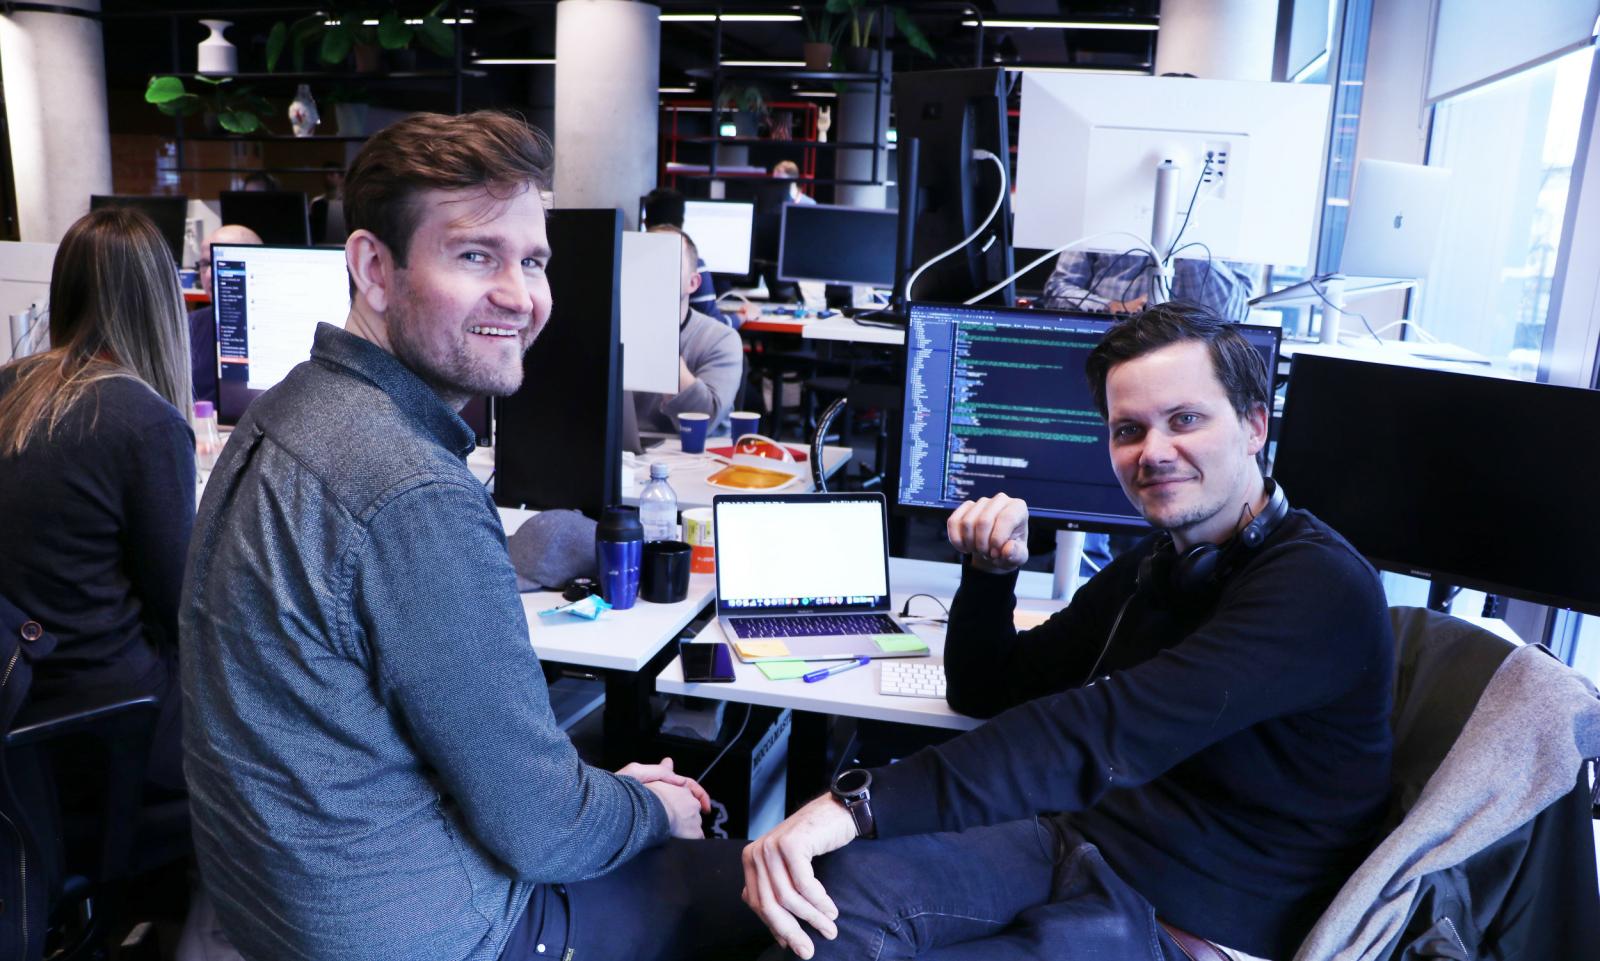 Backendutvikler Audun Follegg i diskusjon med kollega hos Vipps. 📸: Jørgen Jacobsen